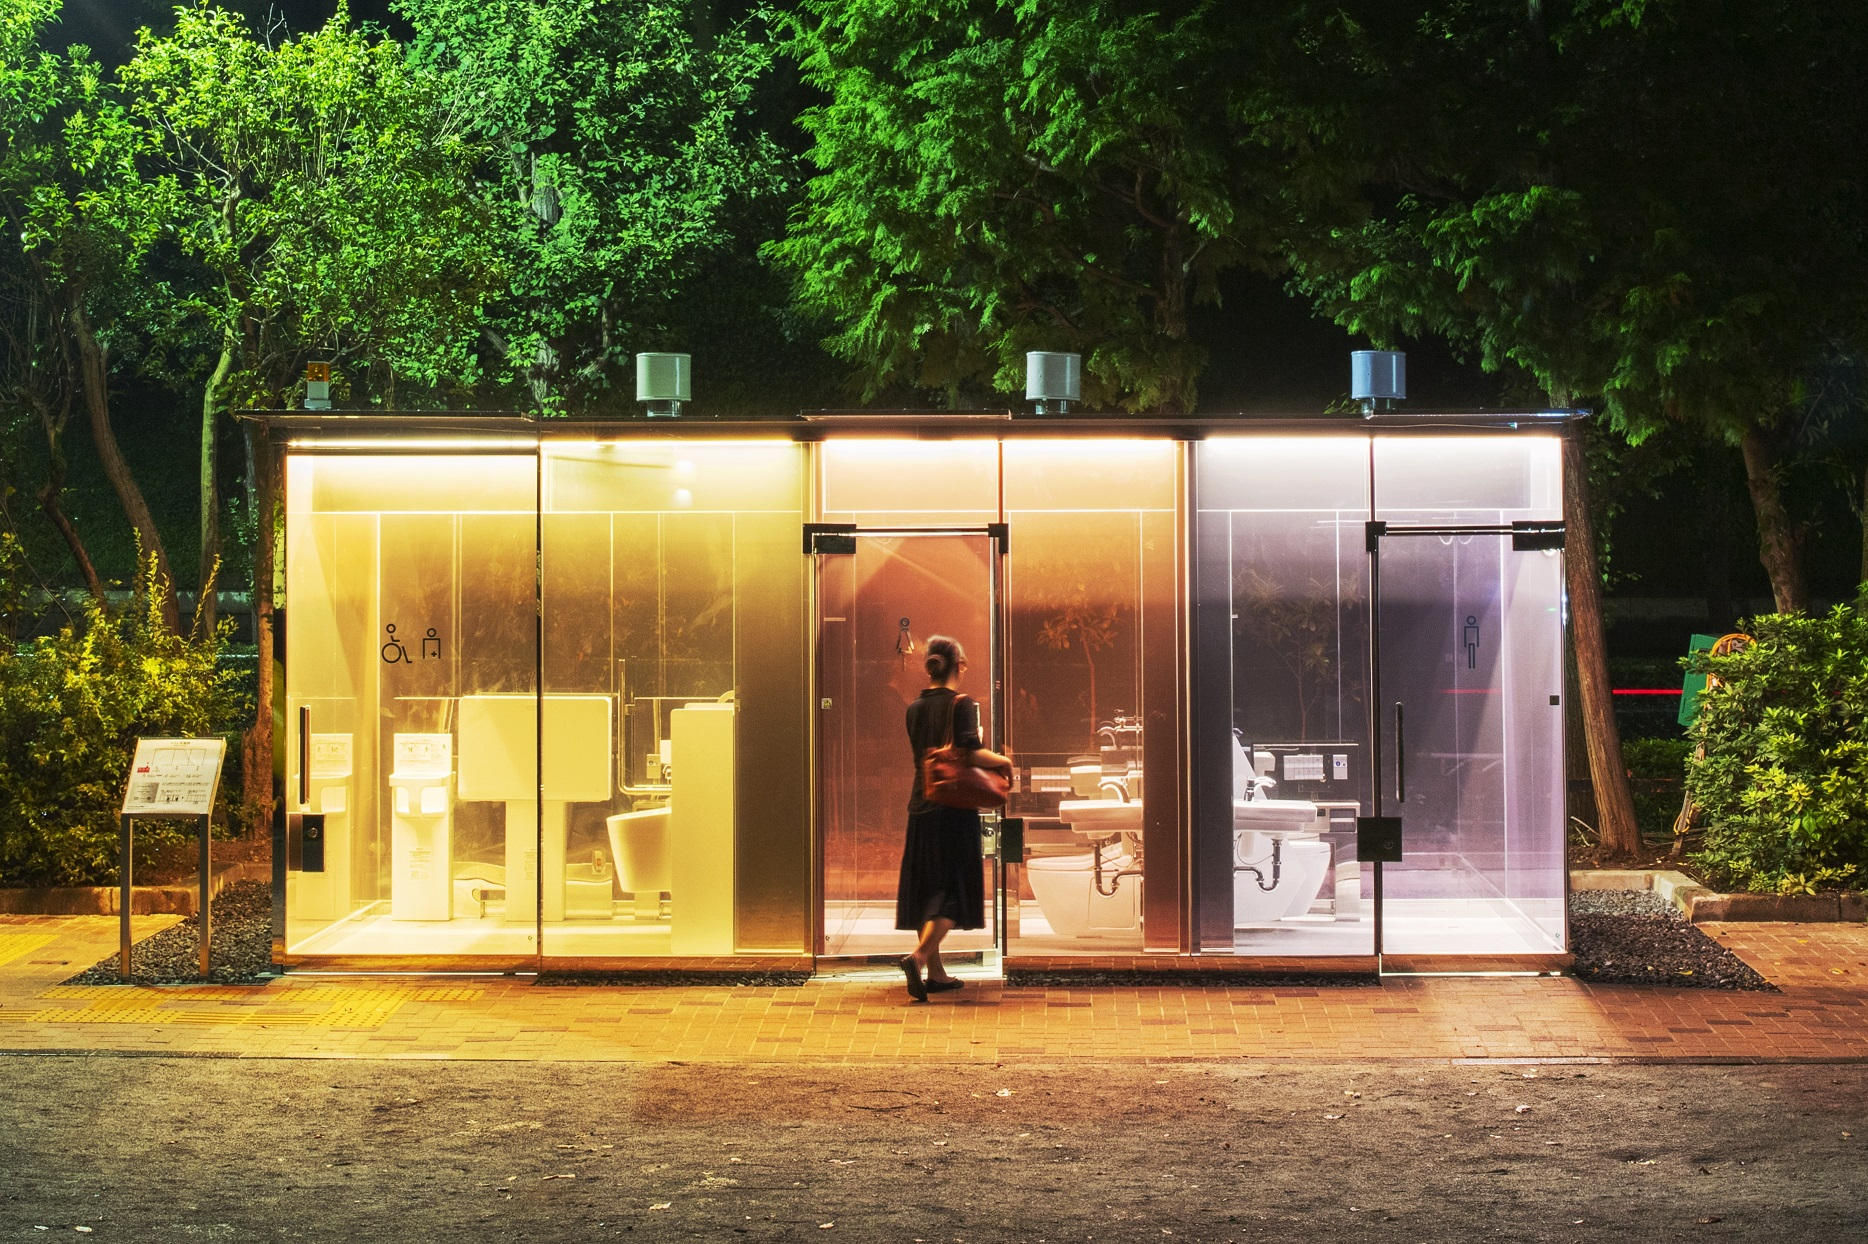 著名建築家が公共トイレをデザインする「THE TOKYO TOILET」プロジェクト